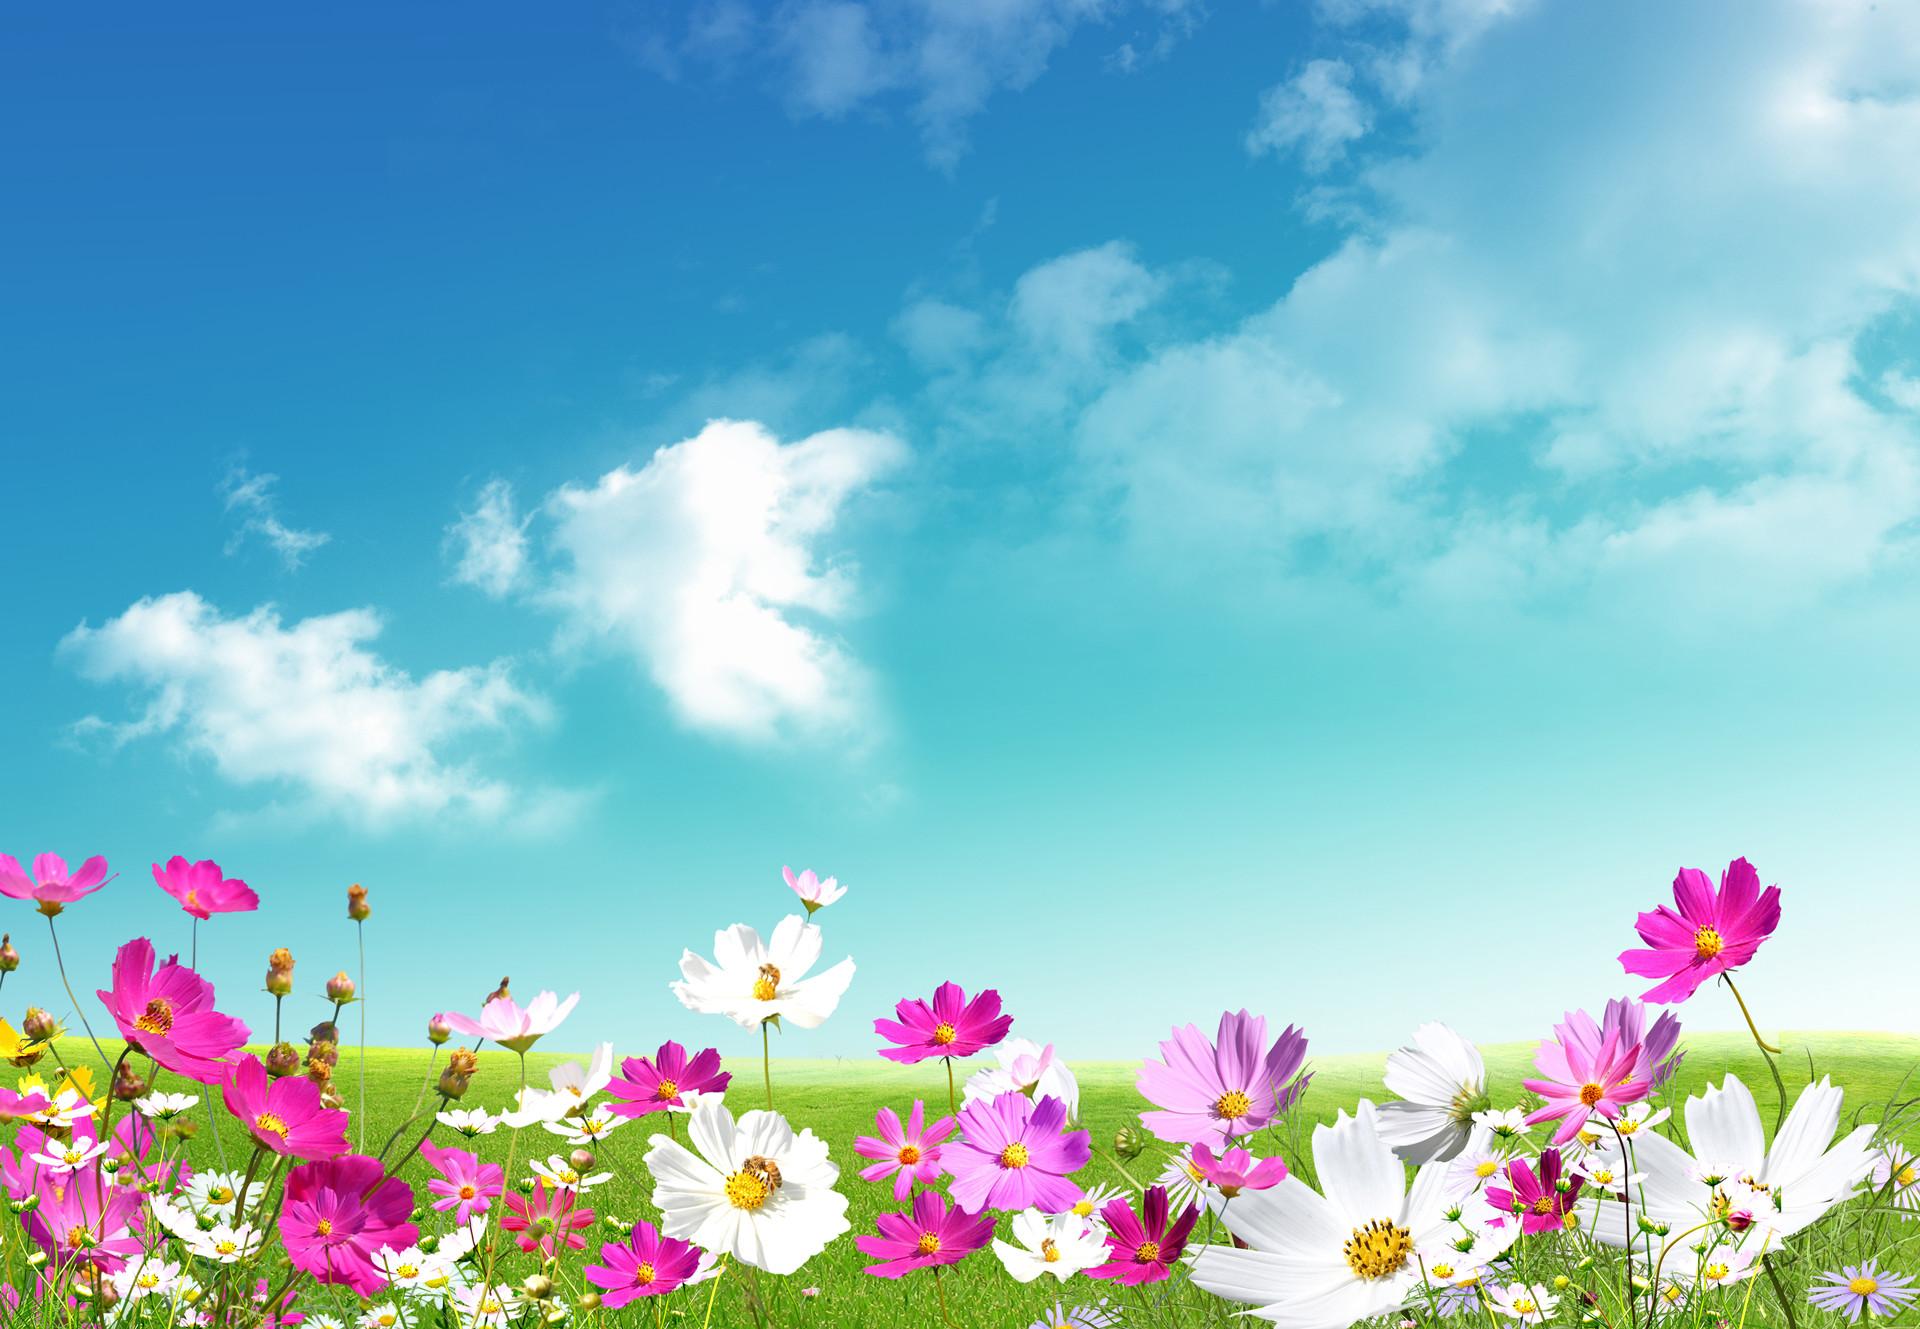 Spring Desktop Backgrounds Wallpapers 75 Images